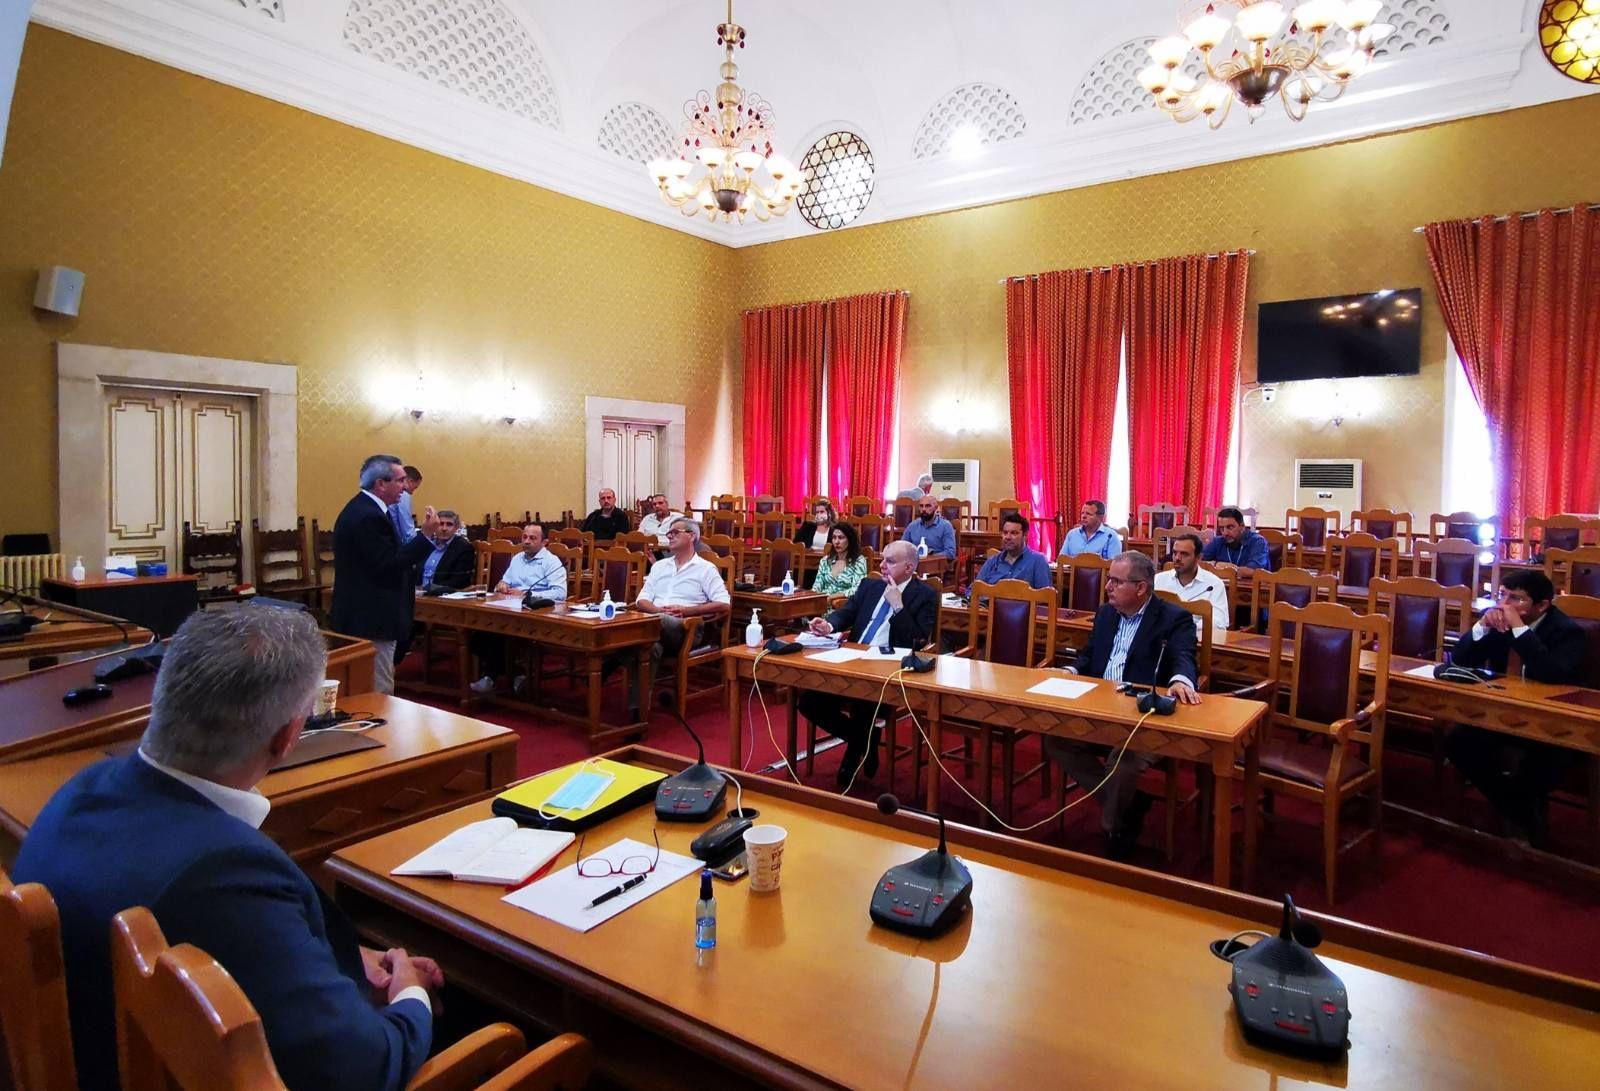 Σε 12 χώρες στοχευμένα τρέχει η νέα τουριστική καμπάνια της Περιφέρειας Νοτίου Αιγαίου